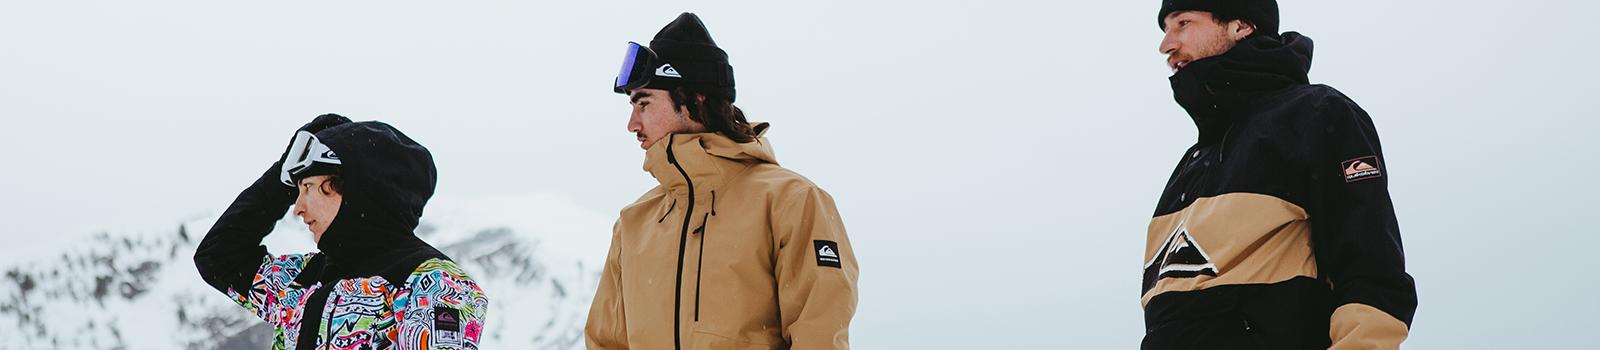 Quiksilver Mens Snow Shop - Snow Jackets